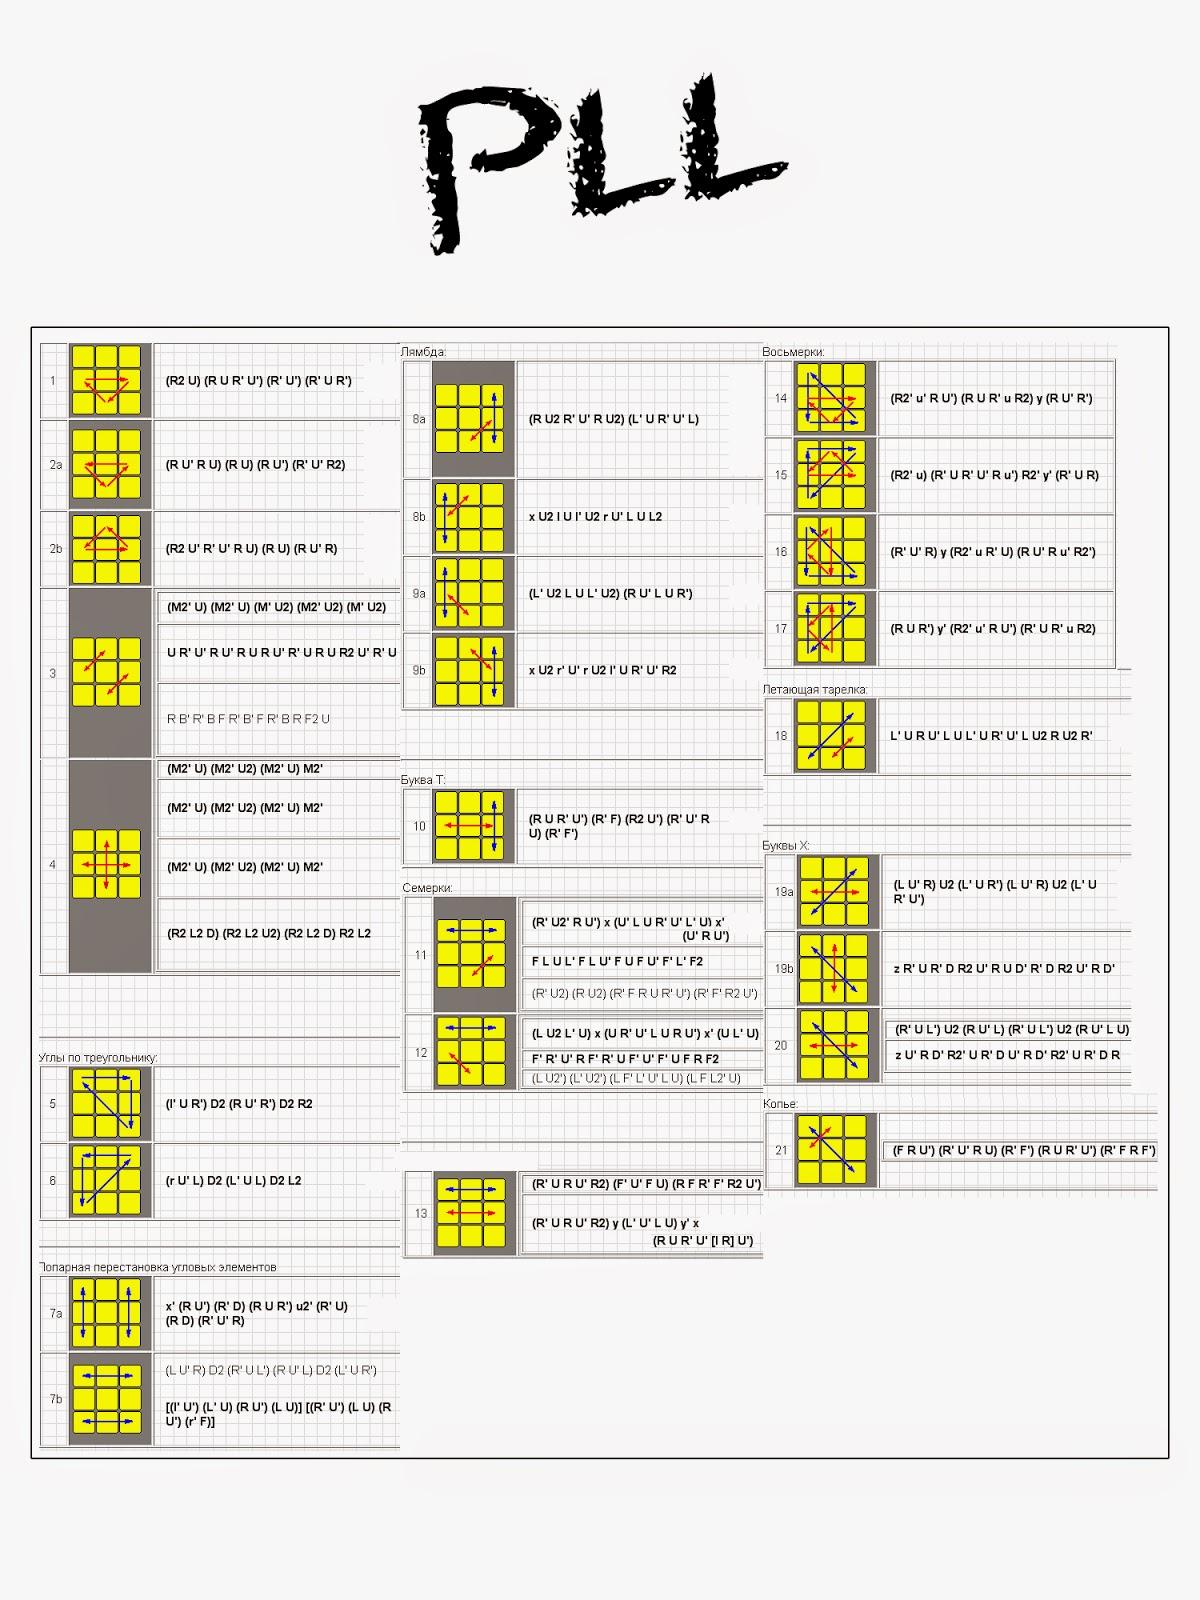 www rubiks com 3x3 pdf